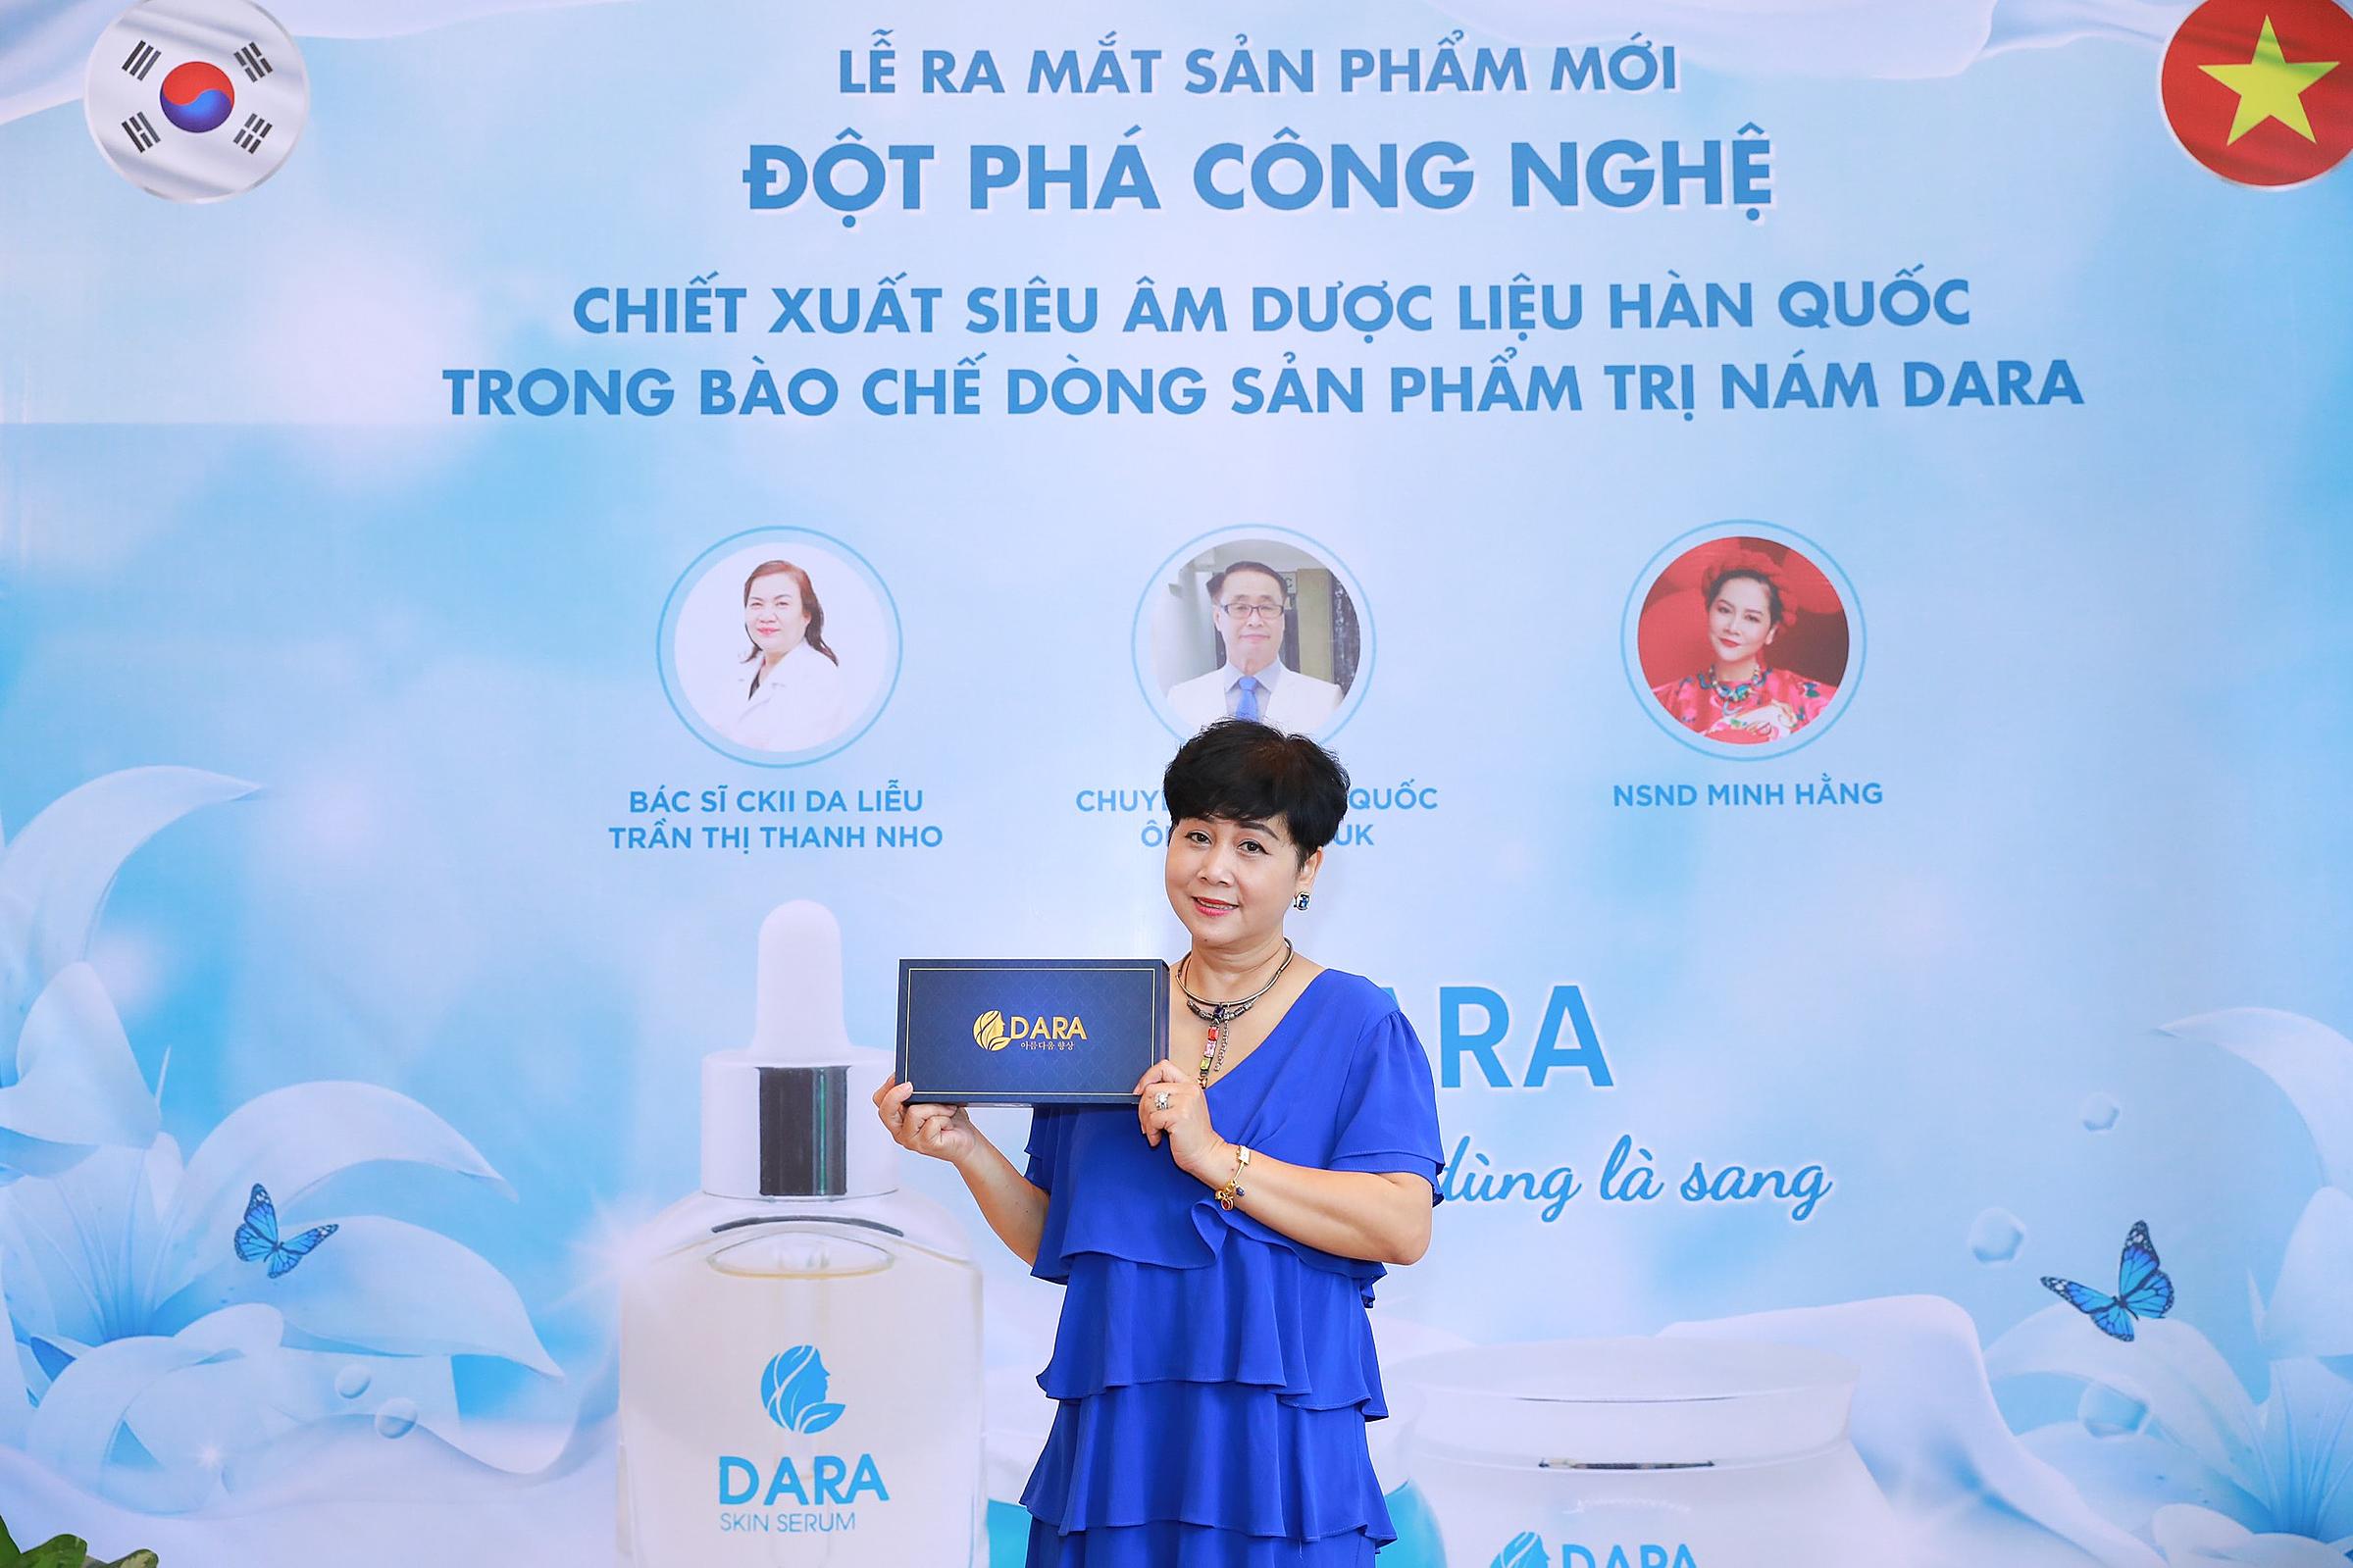 NSND Minh Hằng tham dự lễ ra mắt sản phẩm.